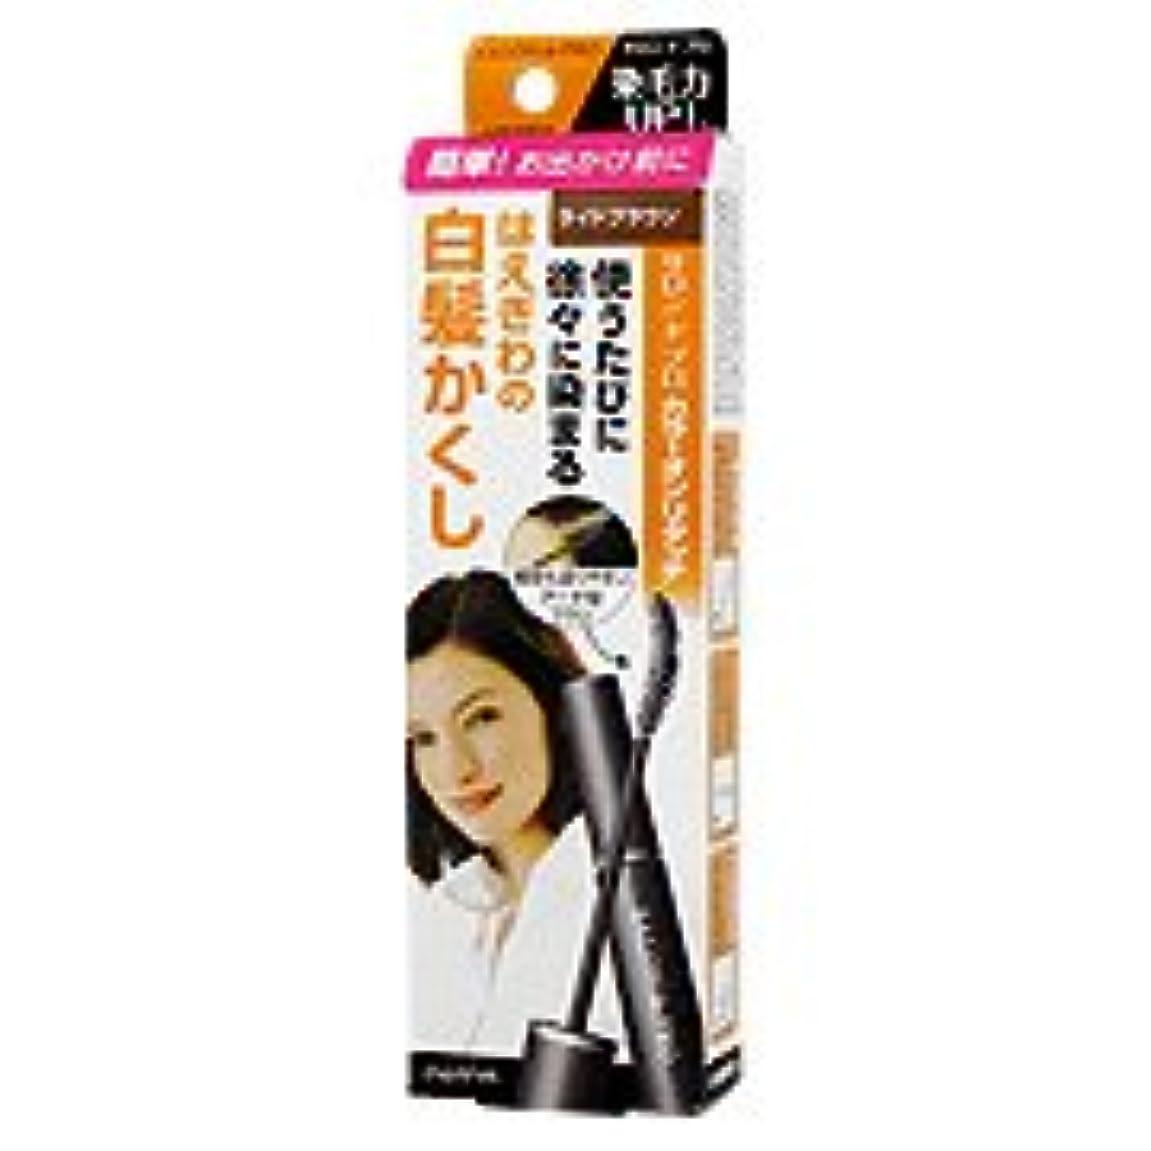 十億療法繊毛ダリヤ サロン ド プロ カラーオンリタッチ 白髪かくしEX ライトブラウン 15ml